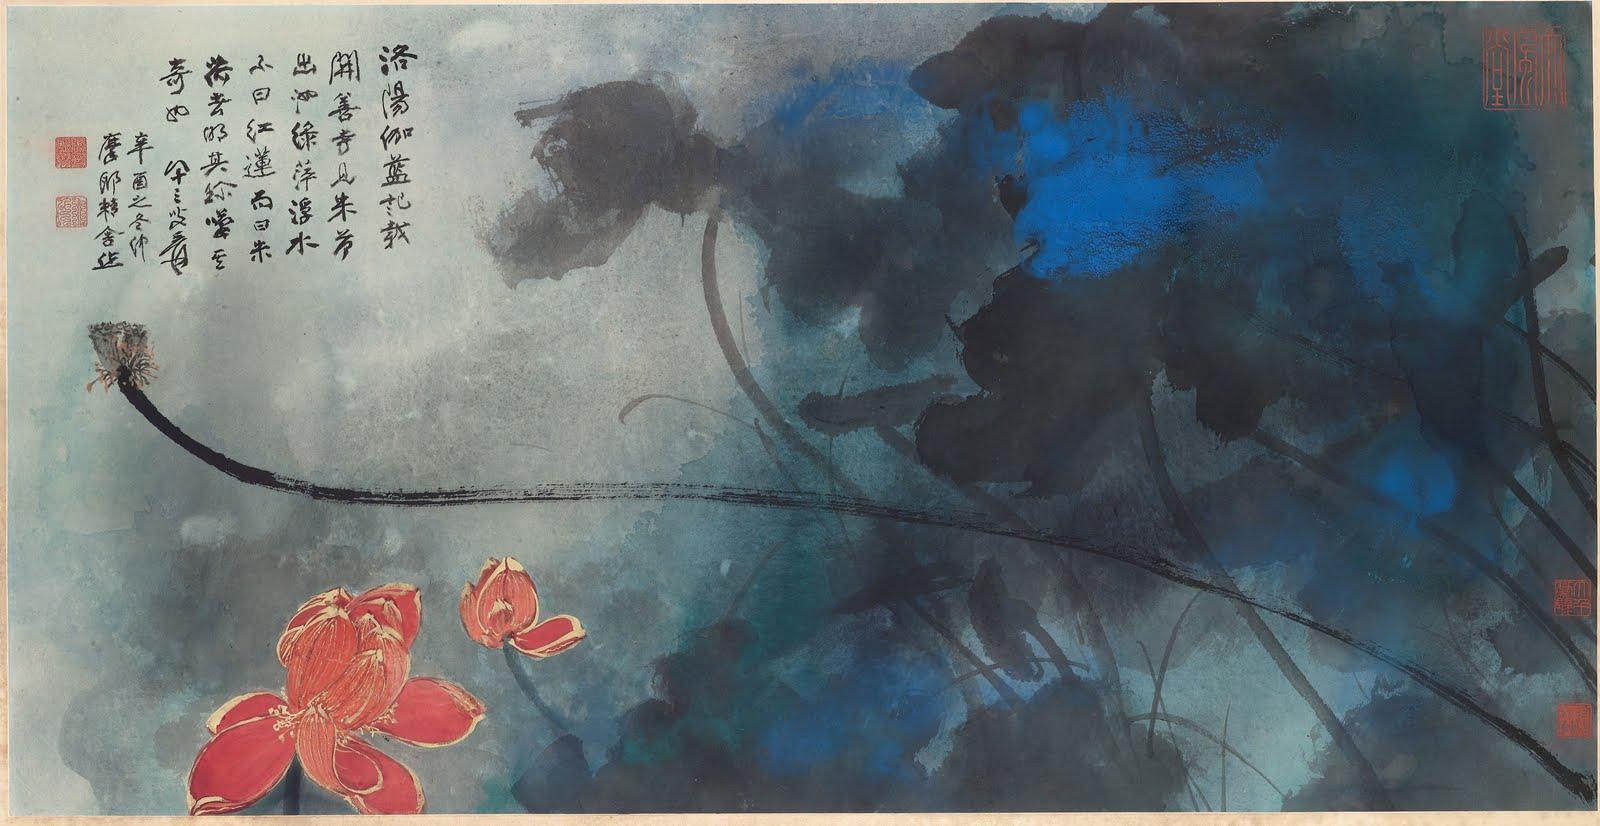 2763_zhang-daqian_lotus.jpg